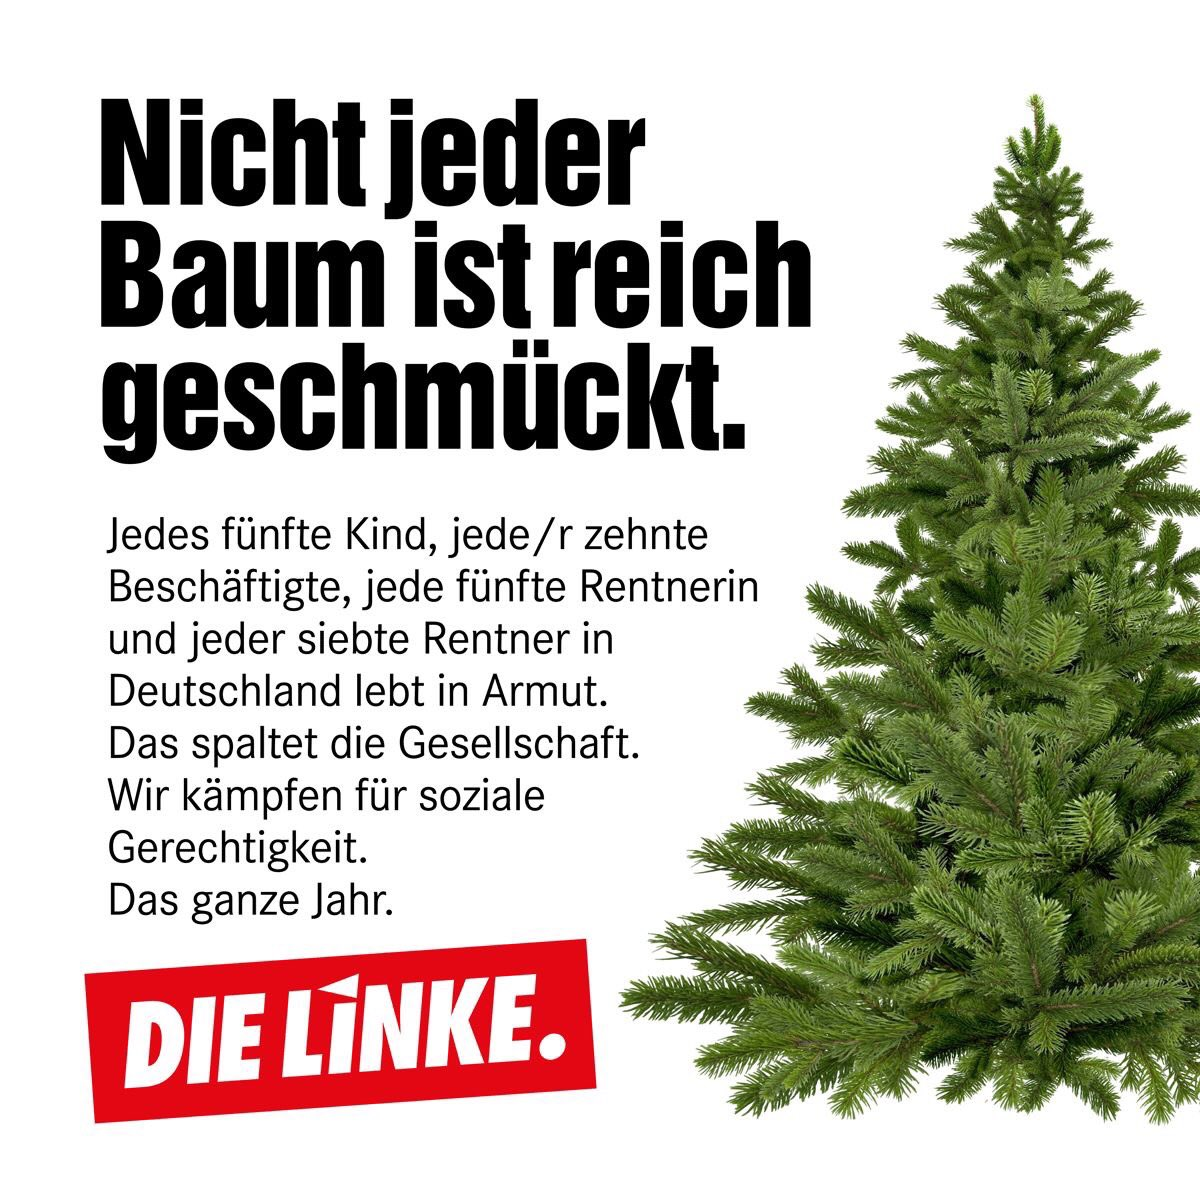 Frohe Weihnachten überall.Die Linke On Twitter Fröhliche Weihnacht überall Armut